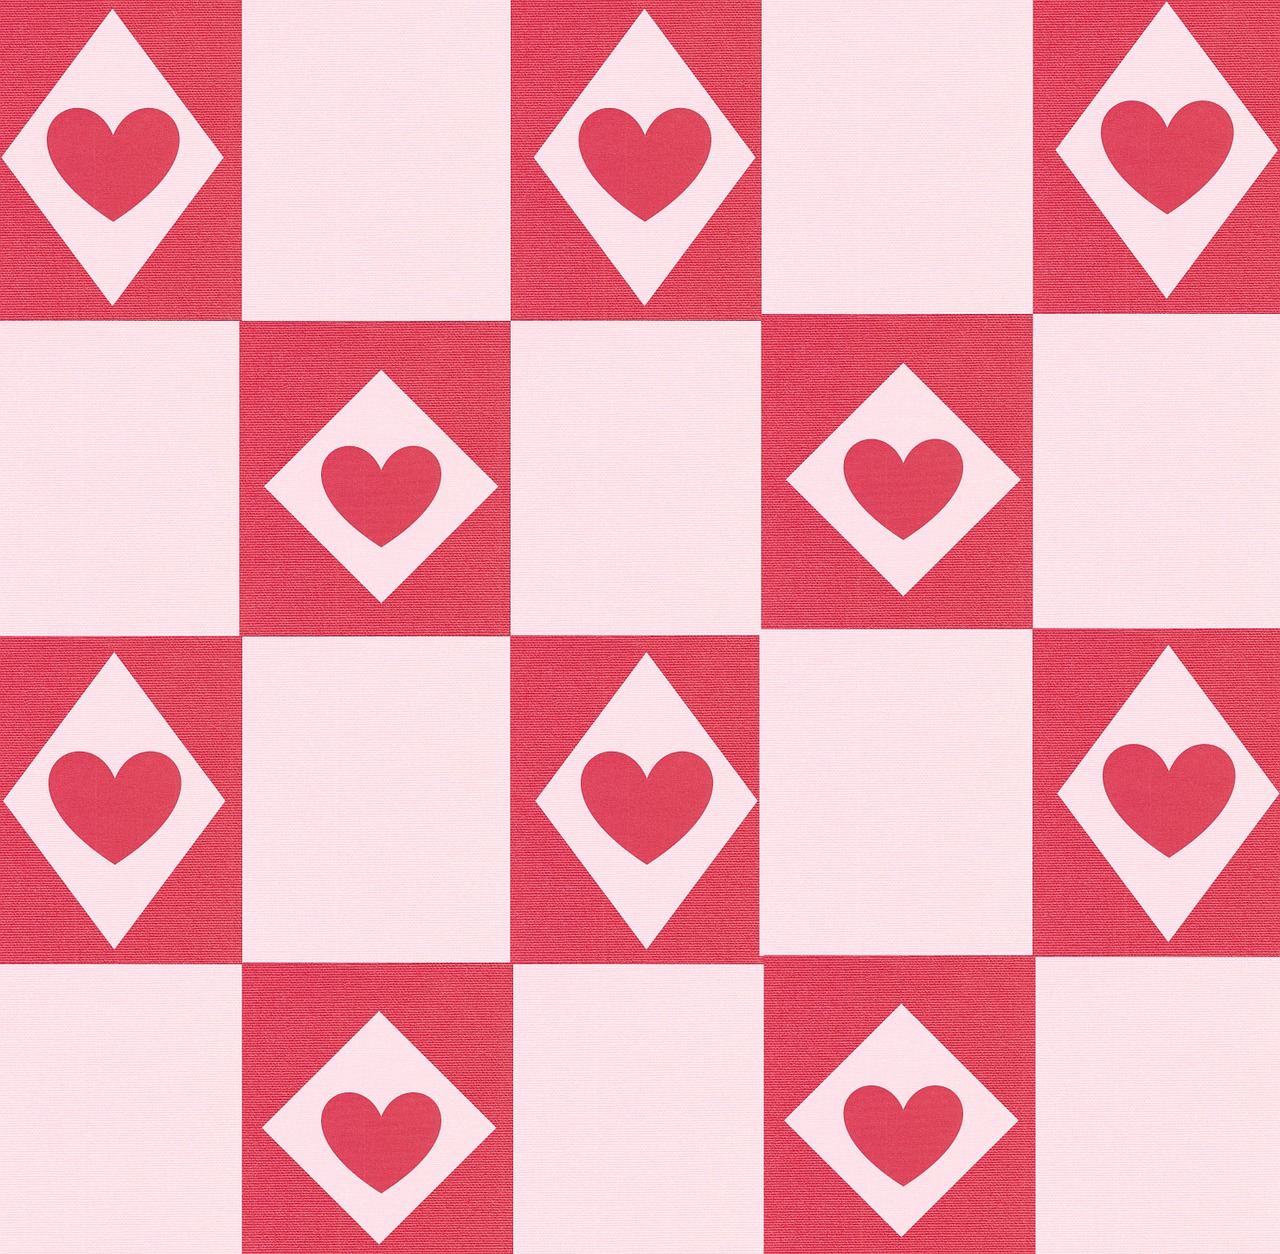 fabric-826019_1280